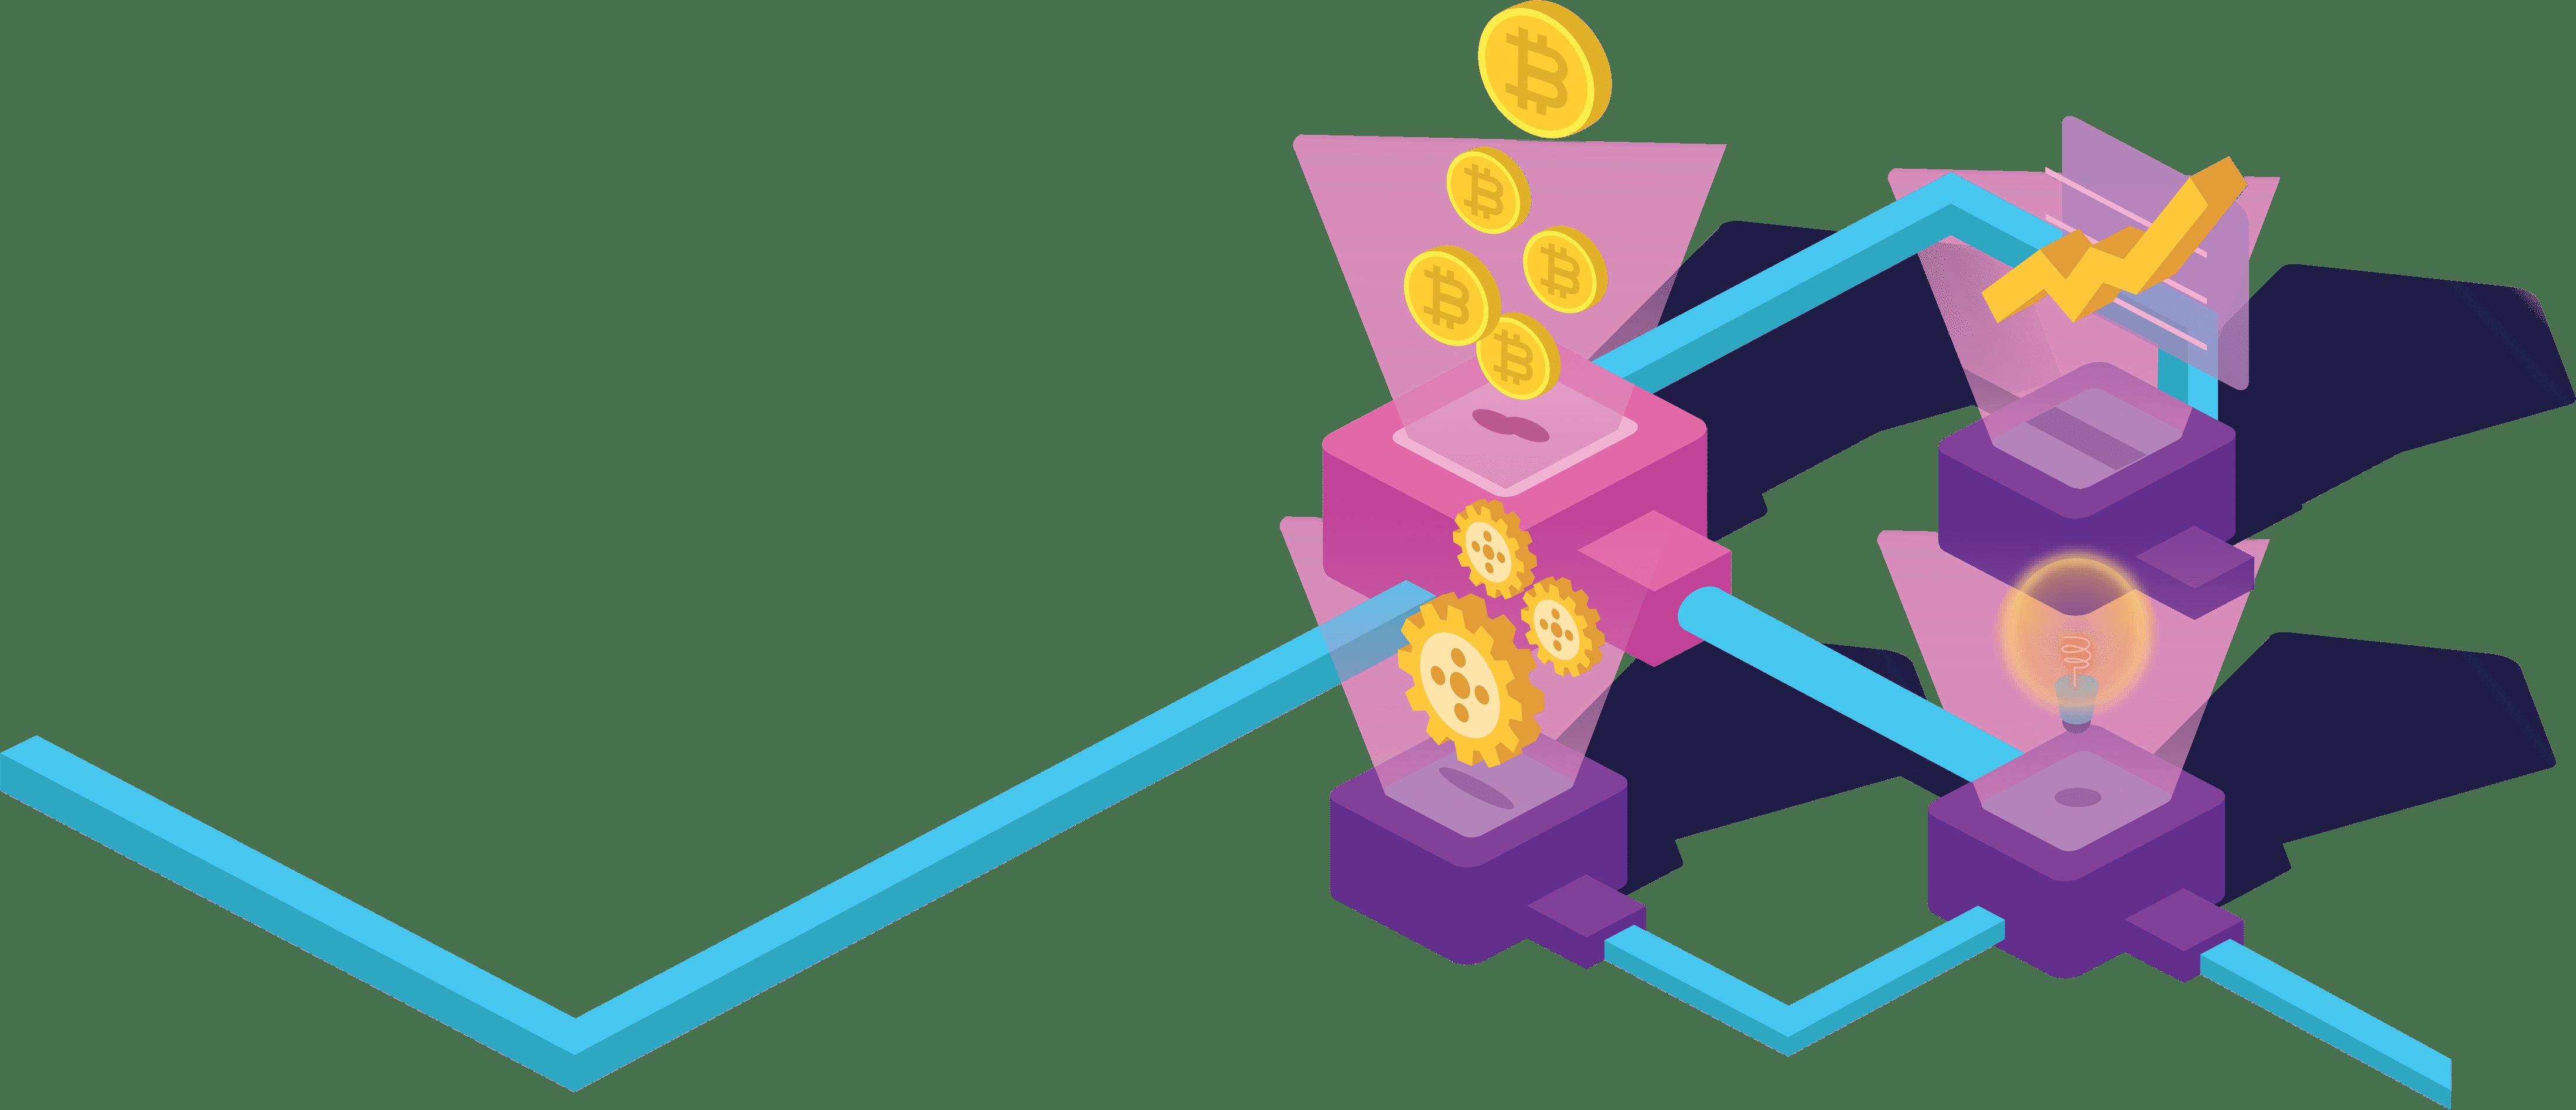 Hard Fork - IIB Council Blockchain Blog